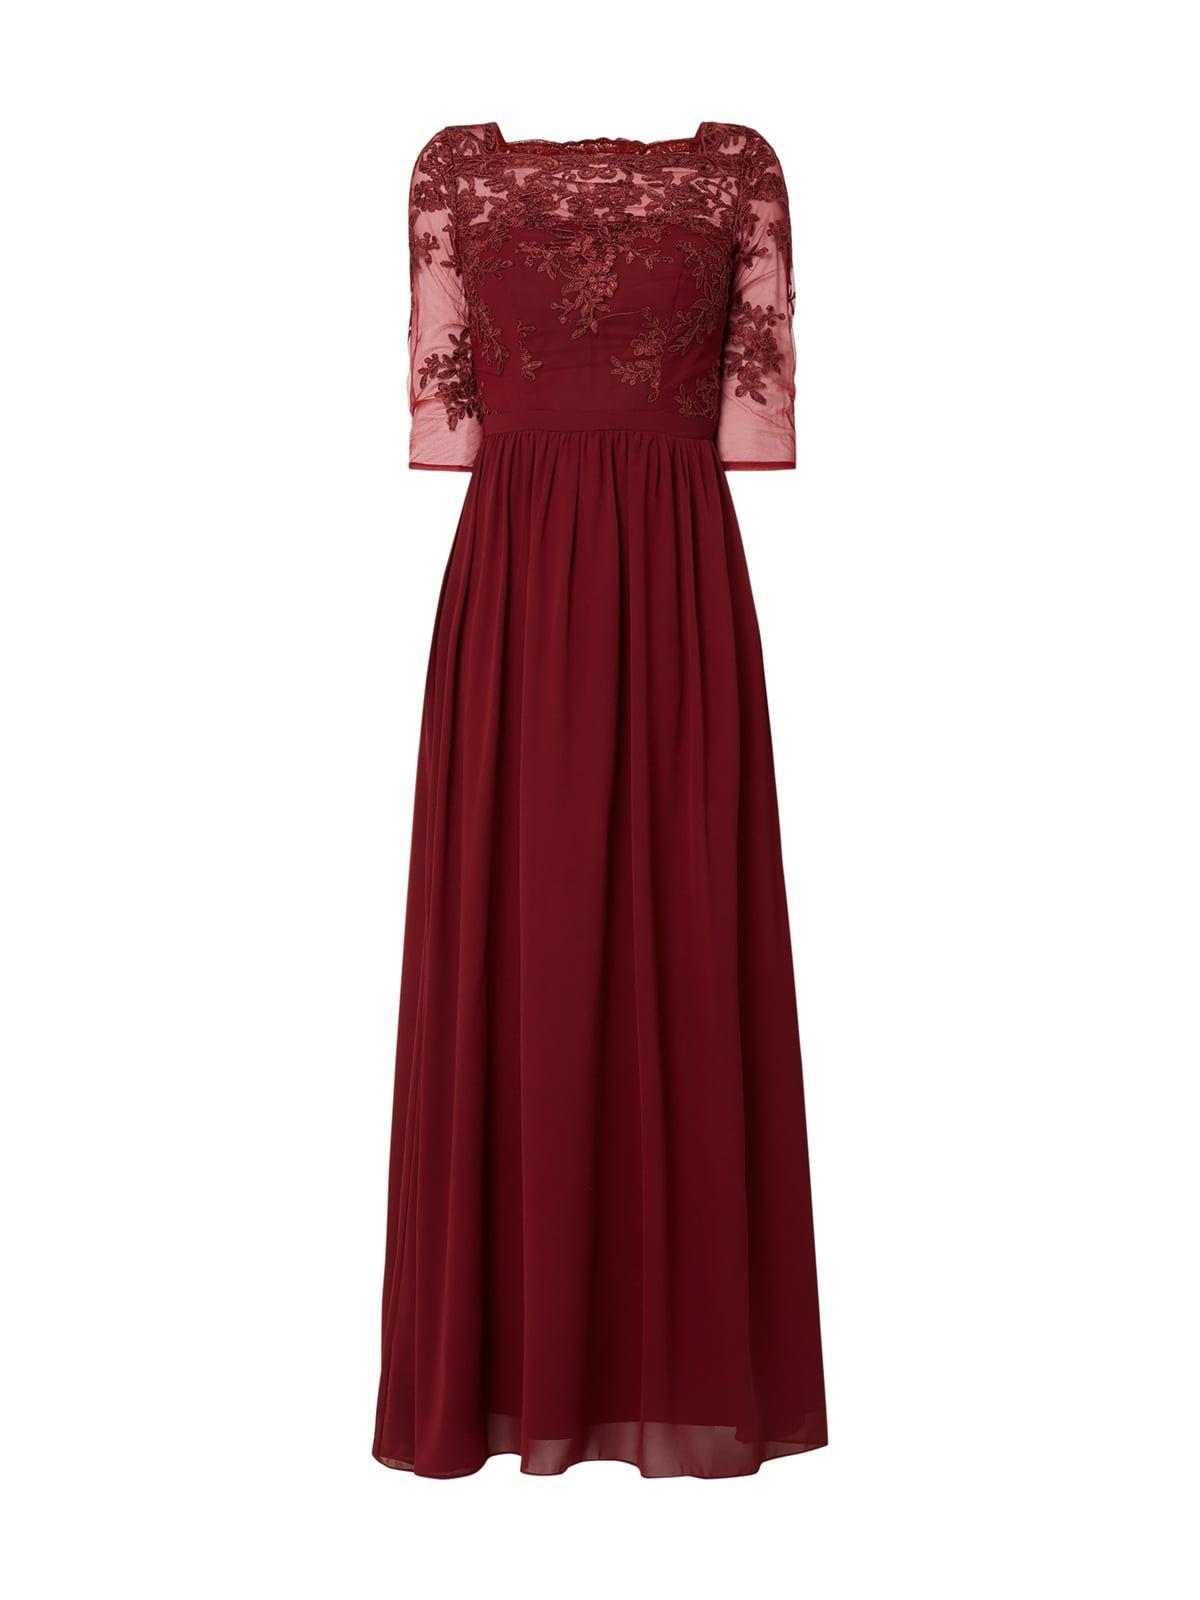 17 Genial P&C Abendkleidung Design15 Luxurius P&C Abendkleidung Vertrieb